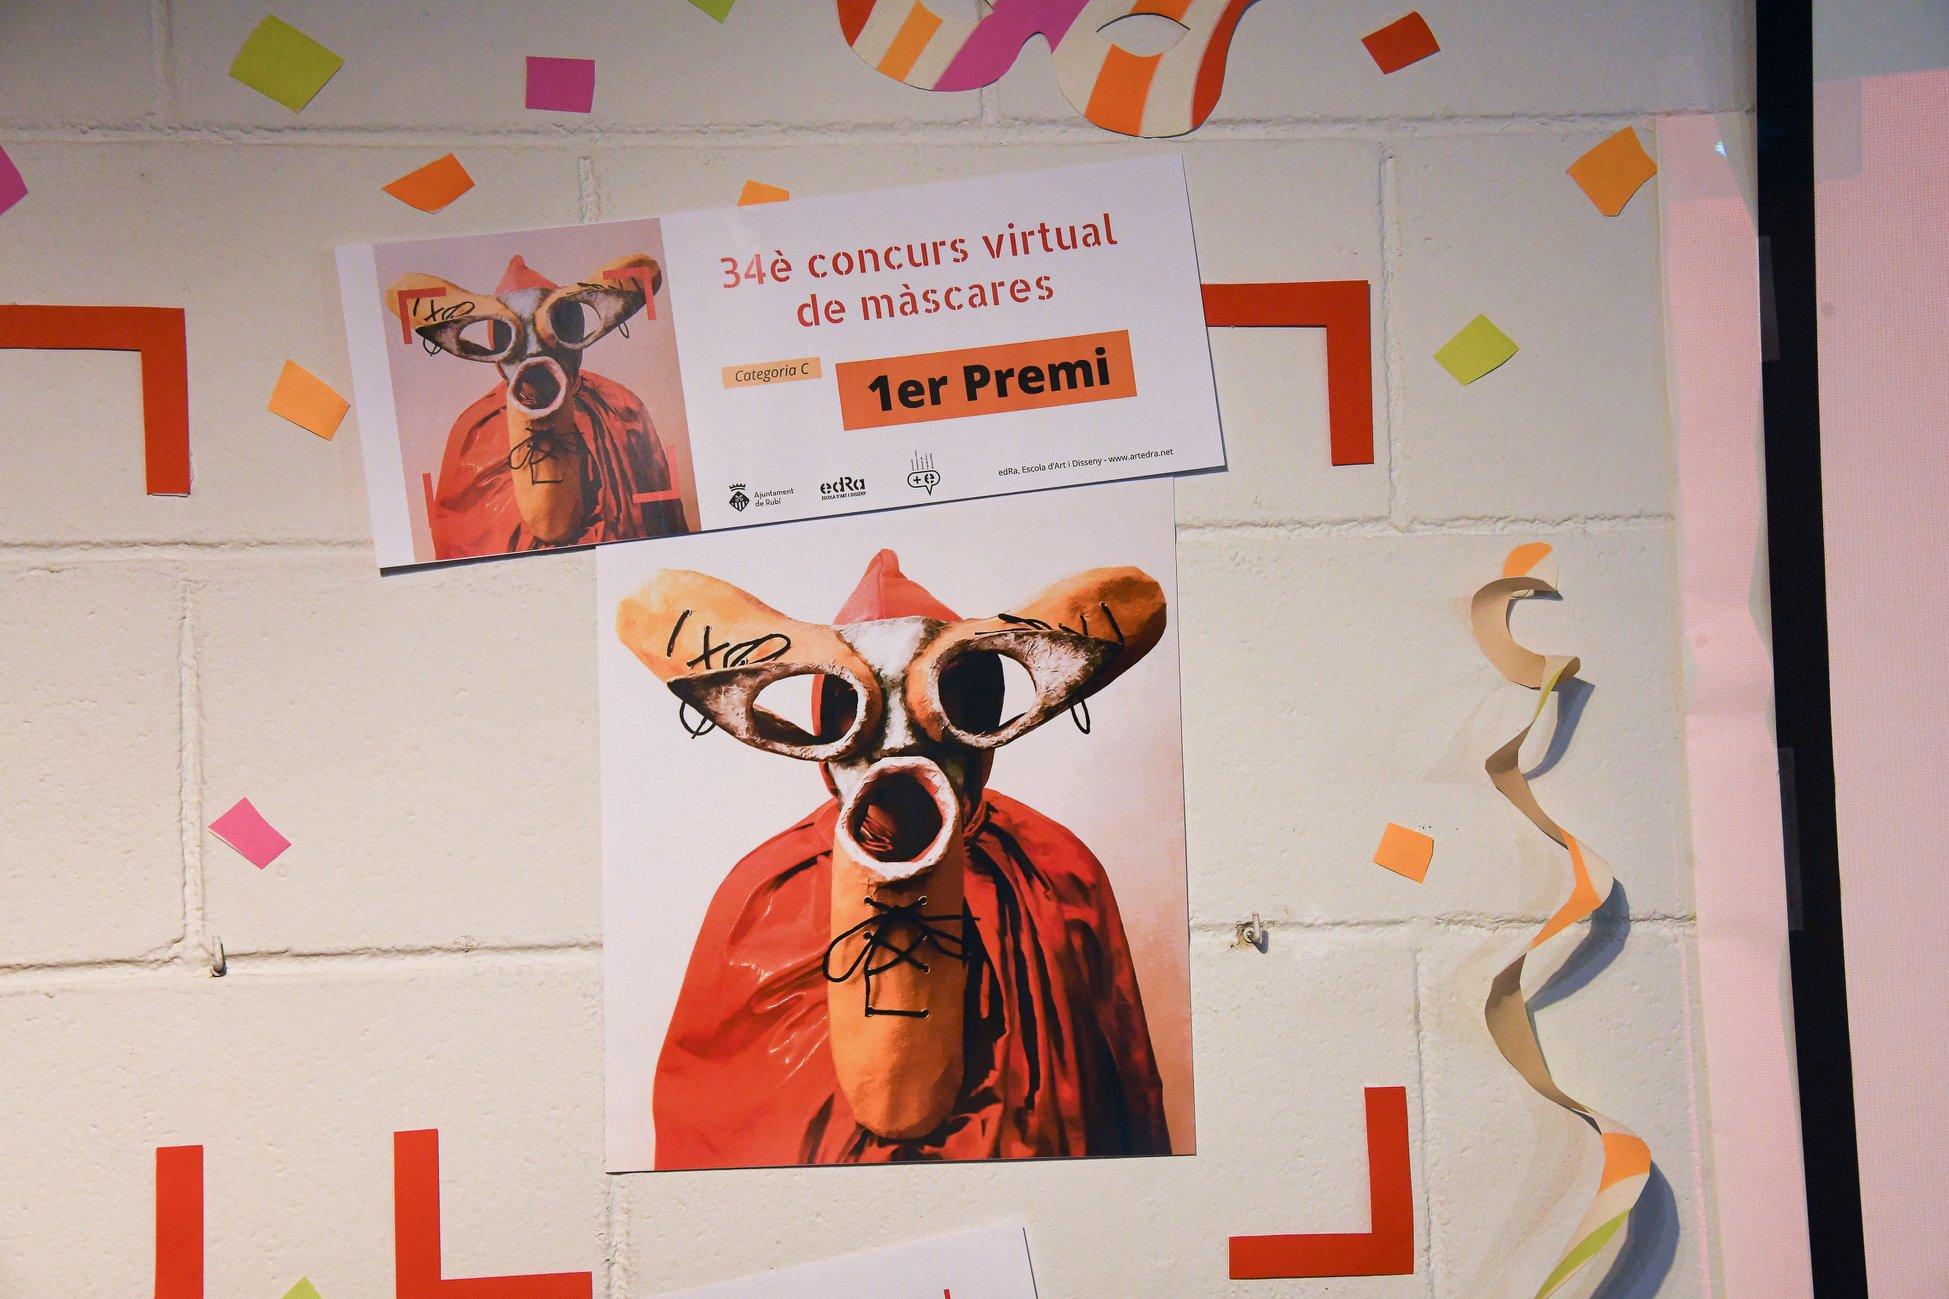 concurs de mascares de carnaval